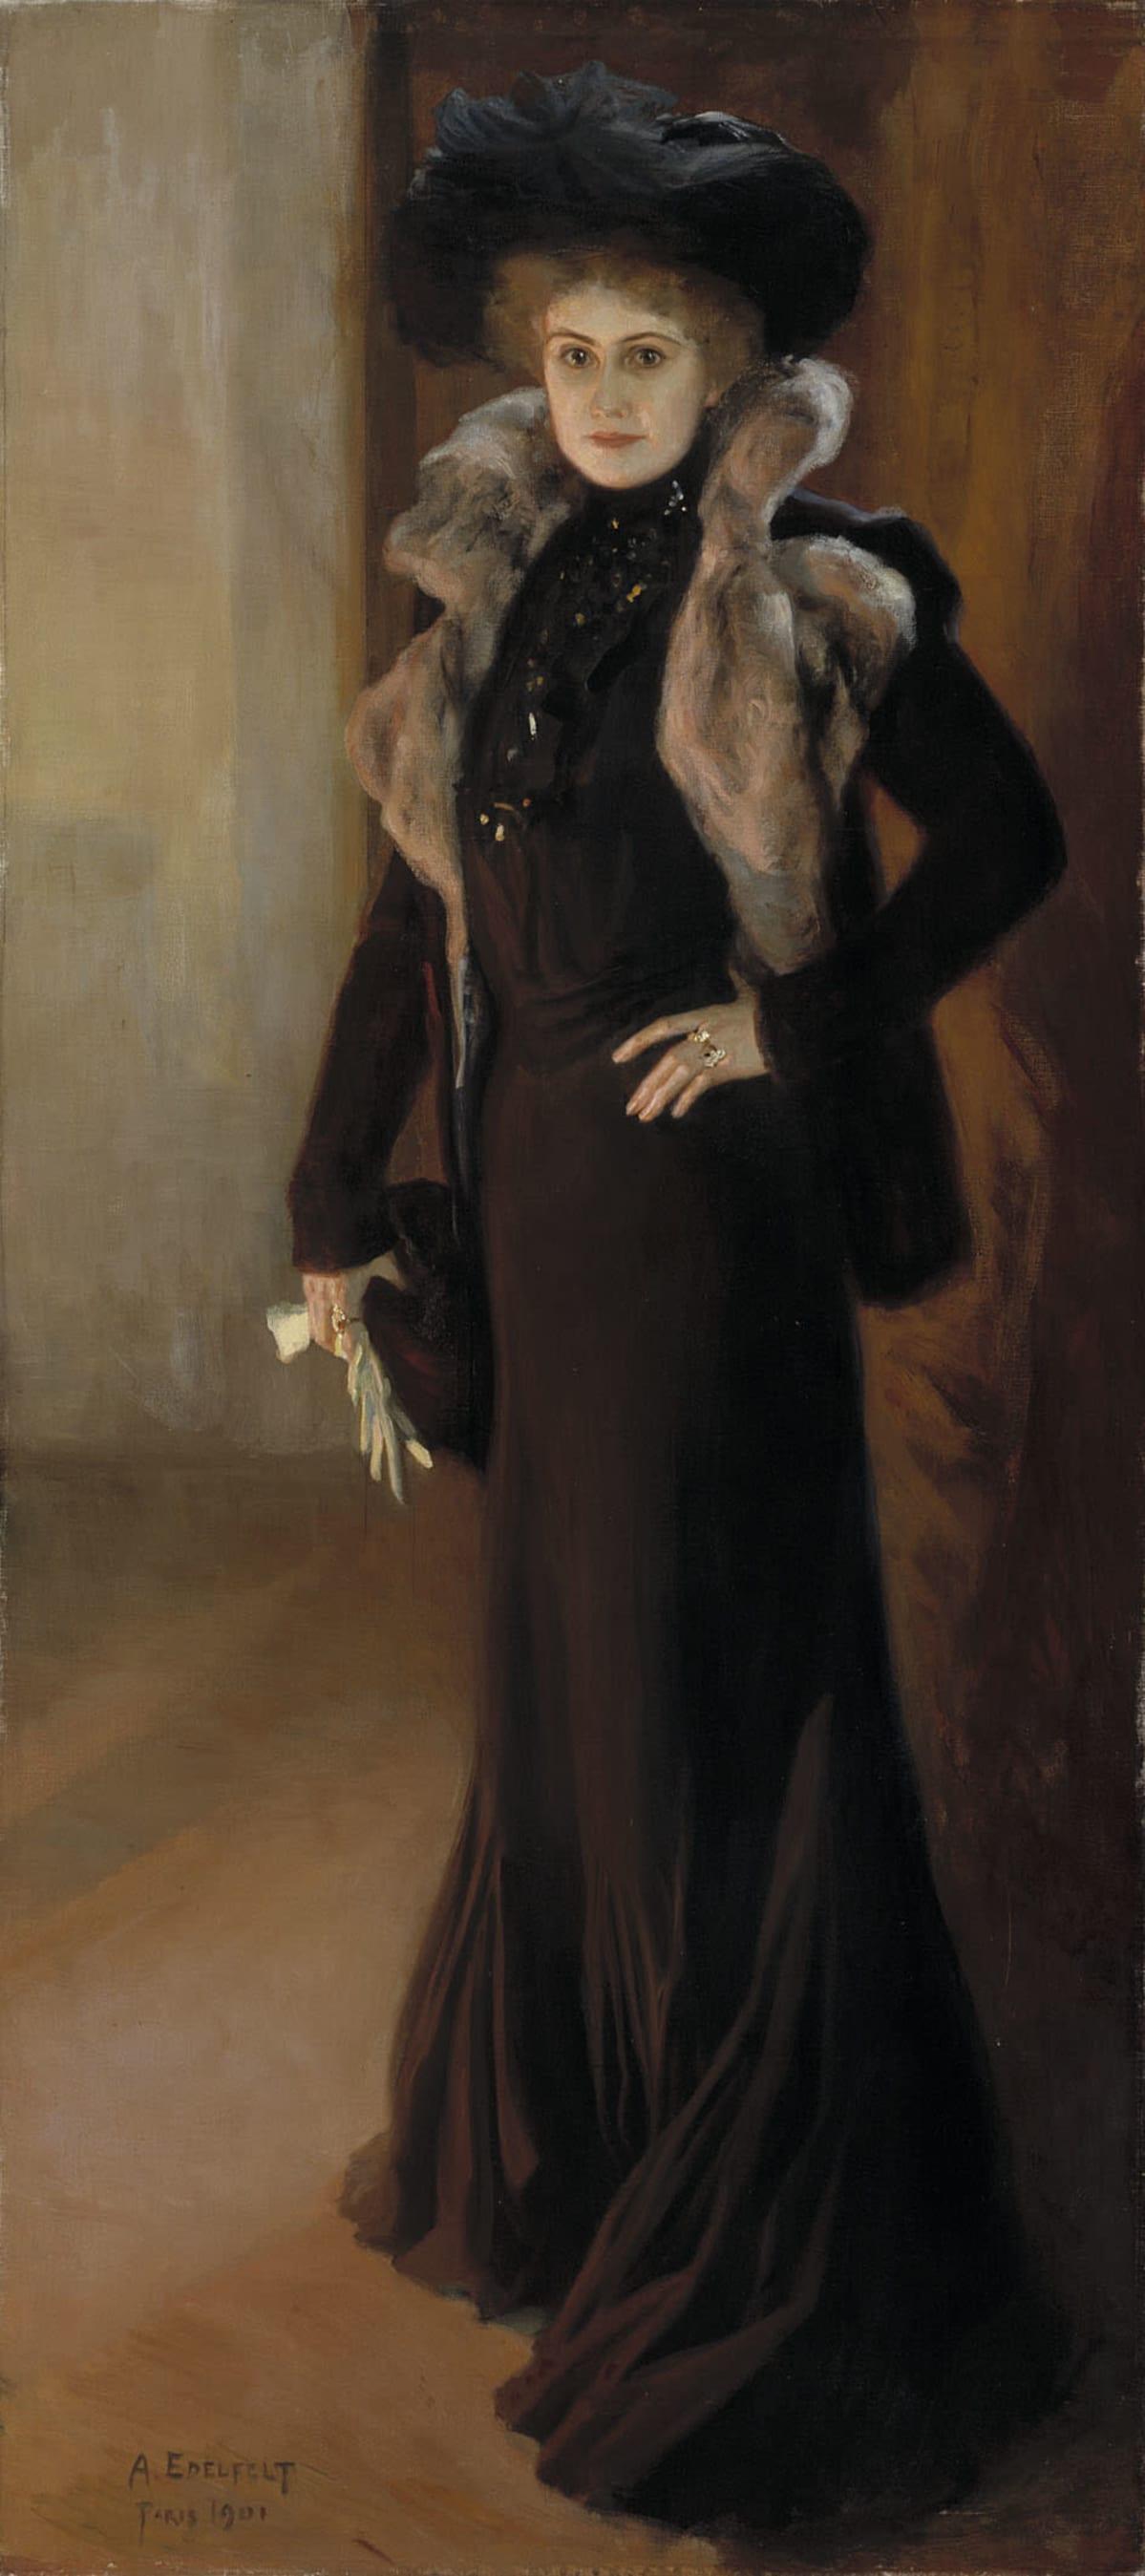 Albert Edelfeltin maalaama kuva oopperalaulaja Aino Acktésta